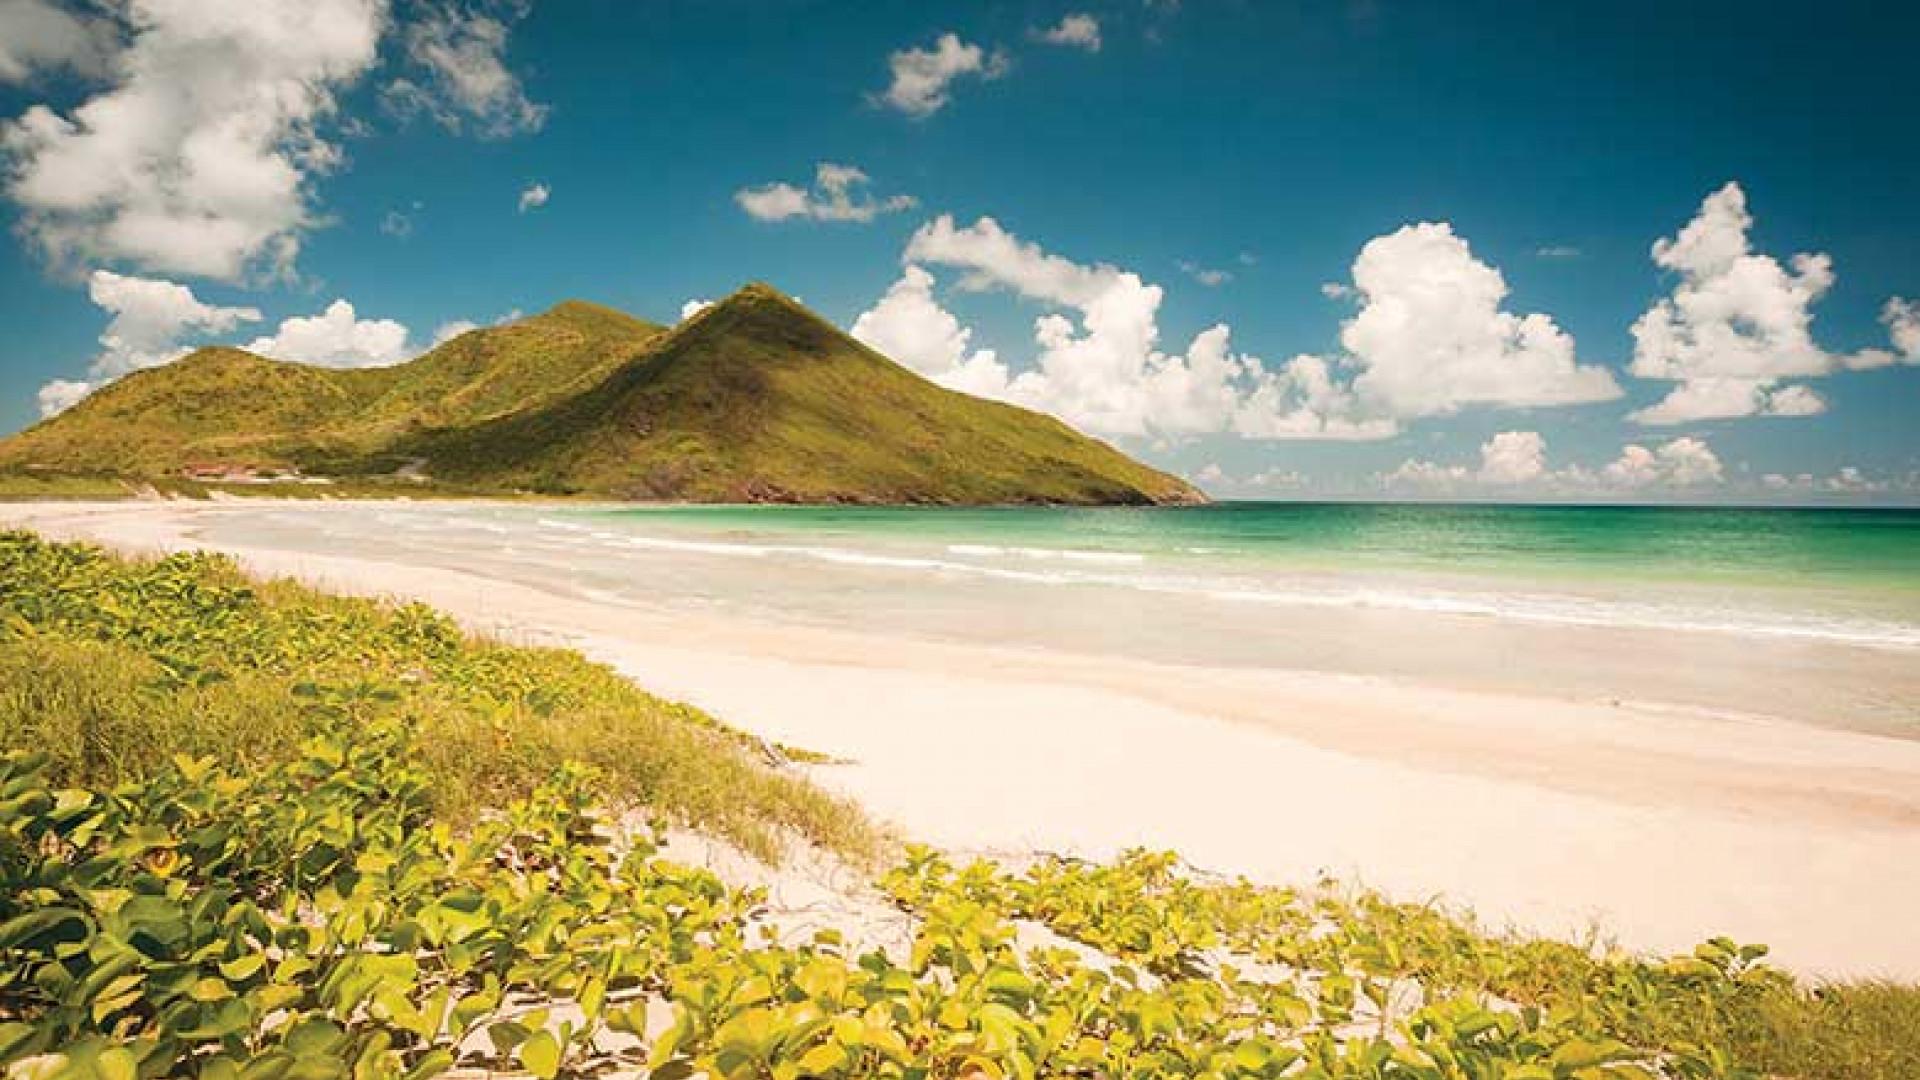 Sand Bank Bay Beach